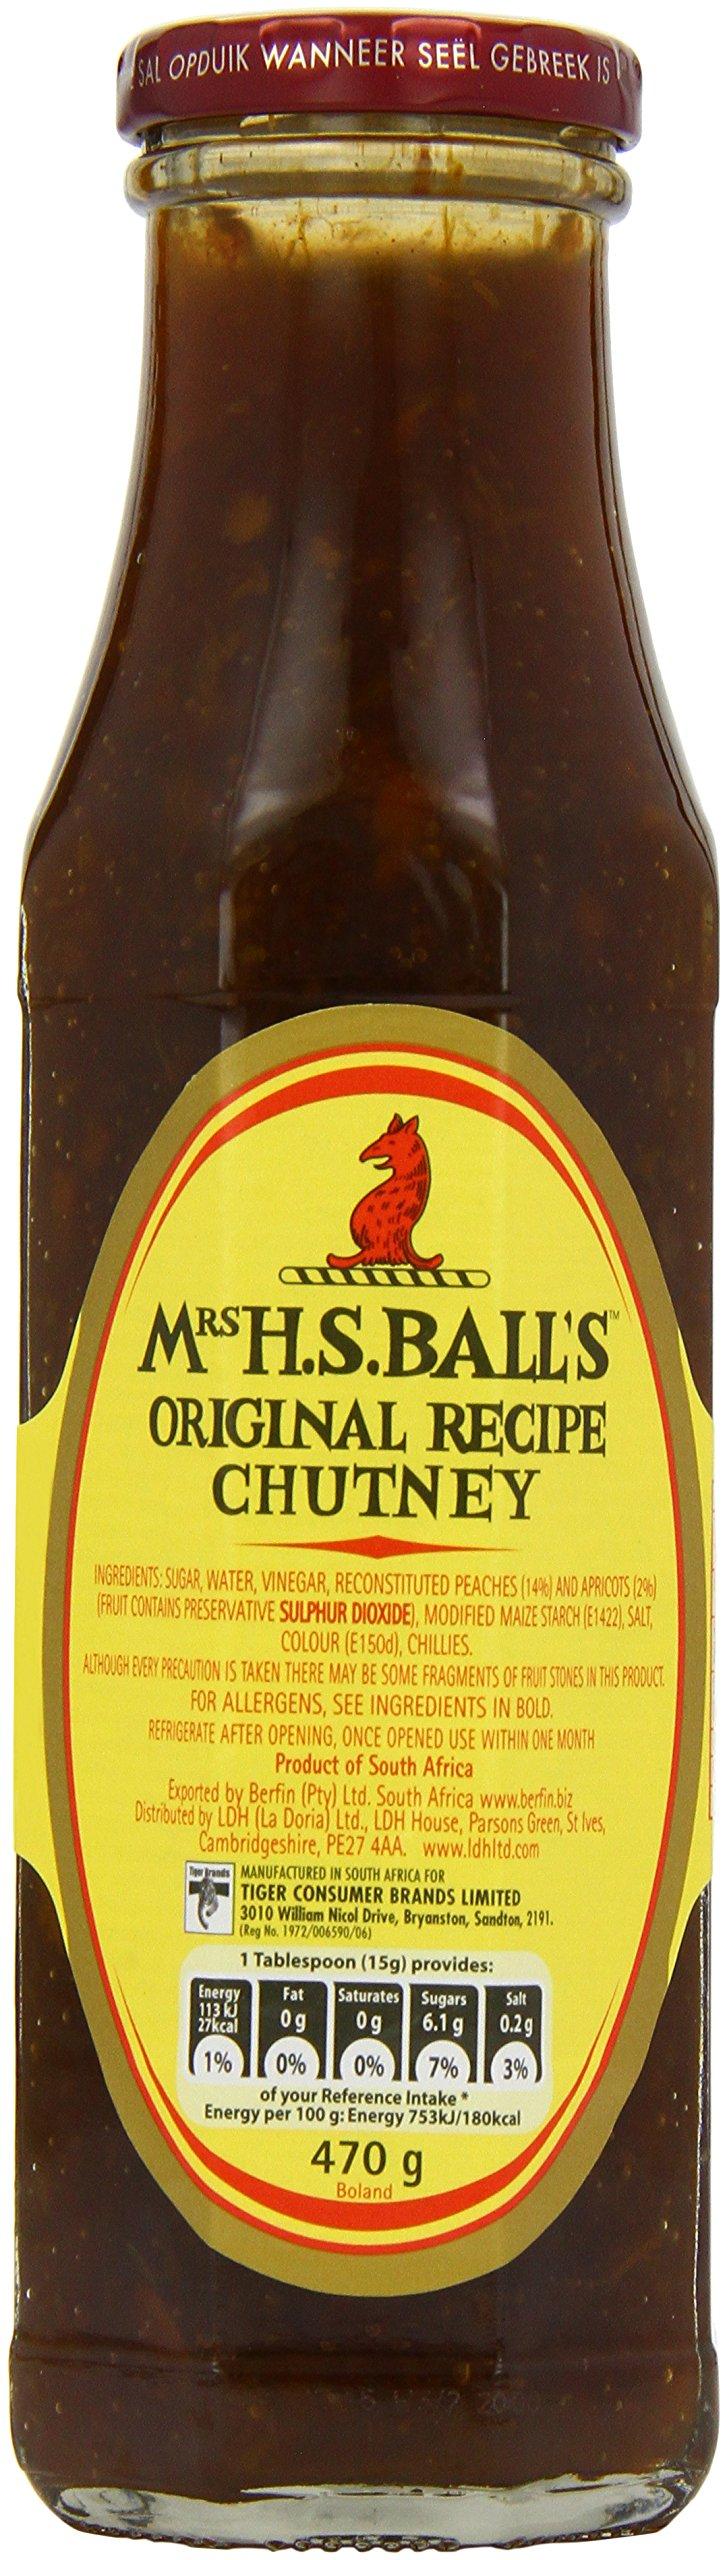 Mrs H.S. Ball's Original Recipe Chutney, 470g